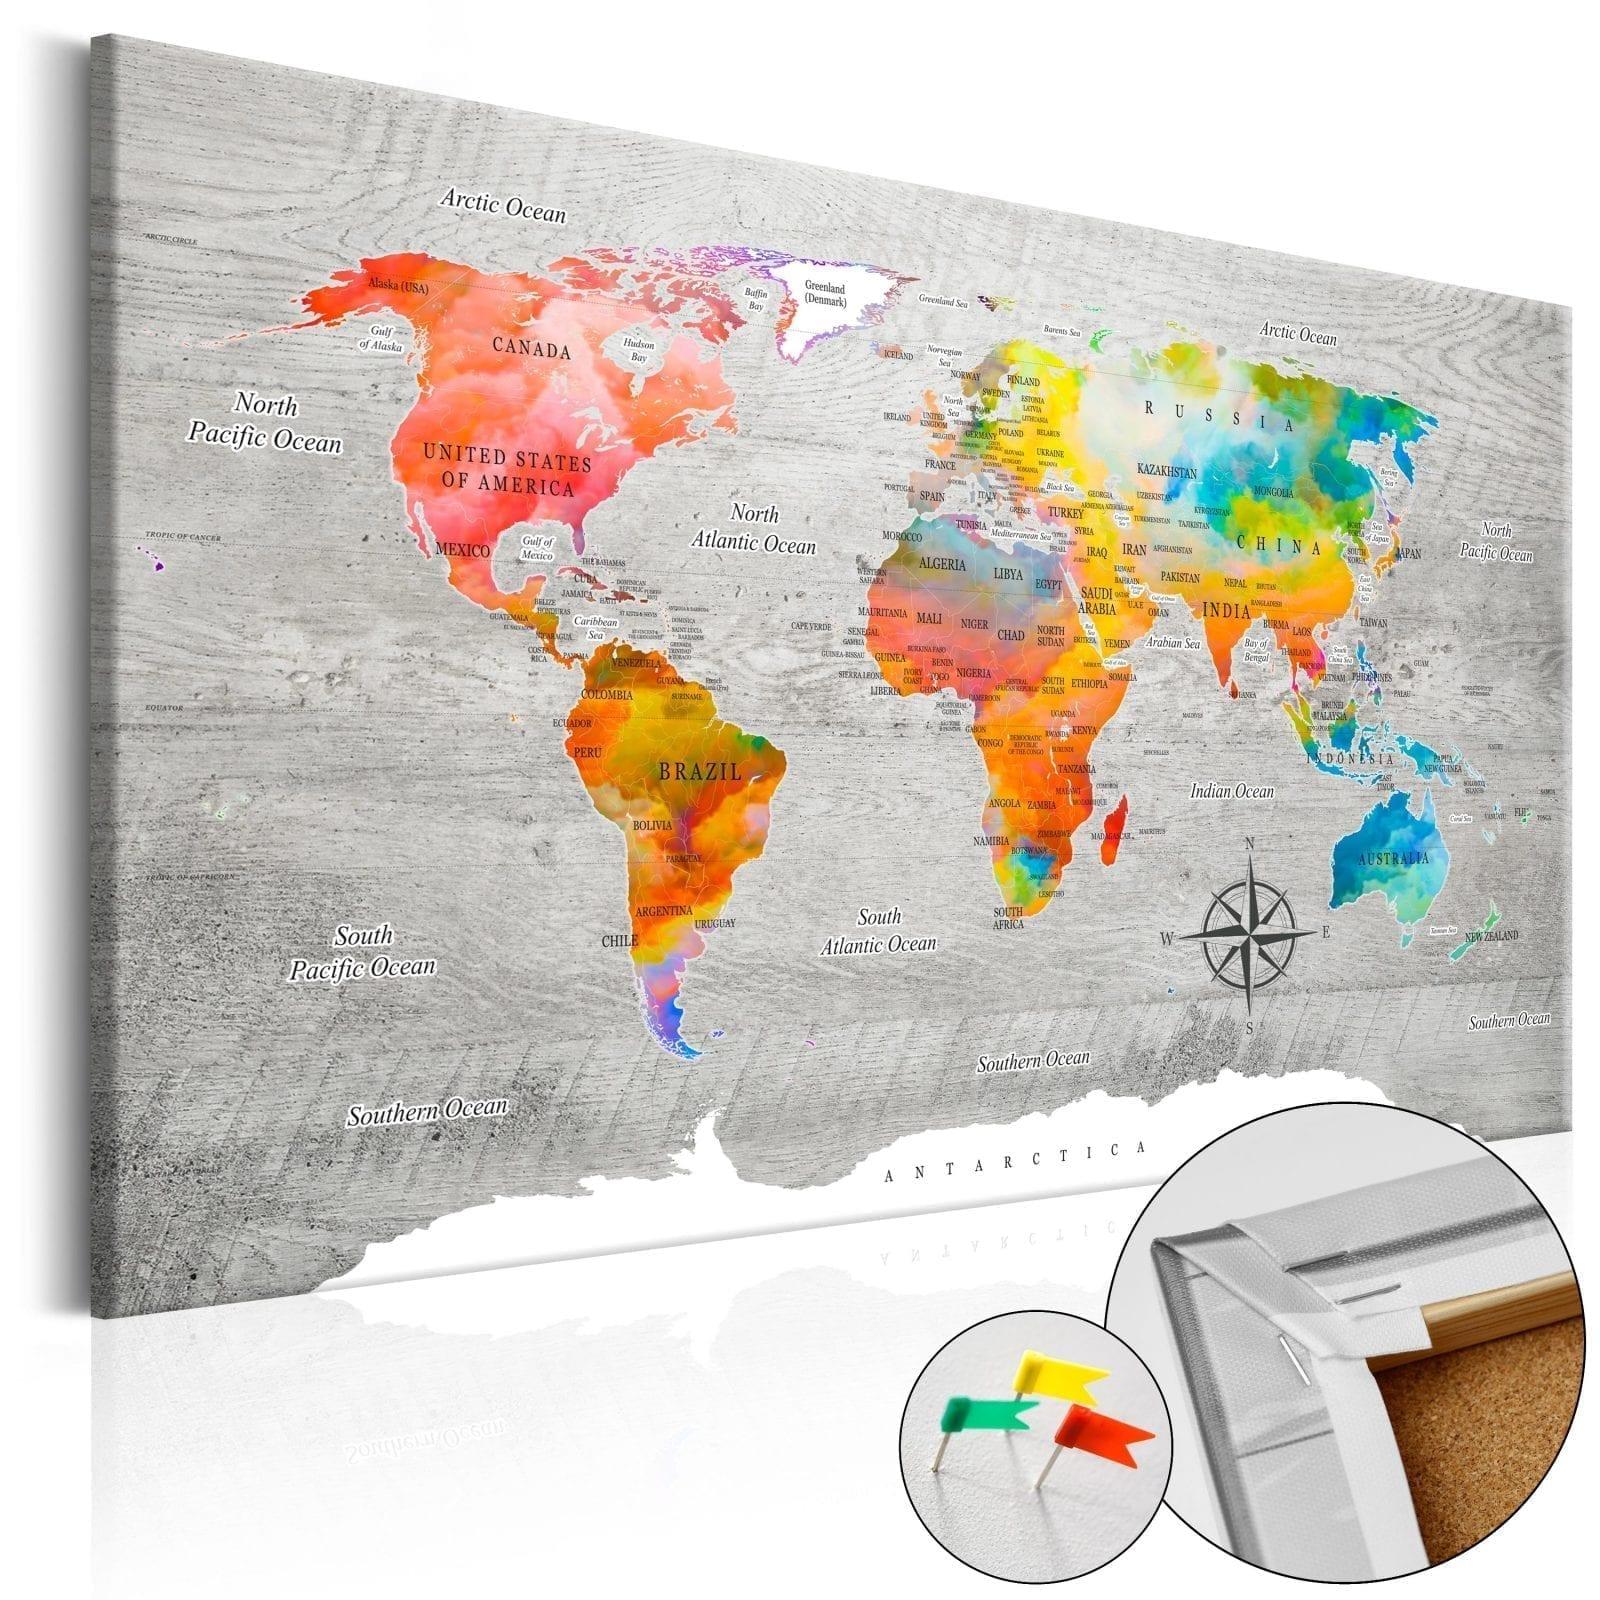 Tablero de corcho - Multicolored Travels 1   Potspintura.com